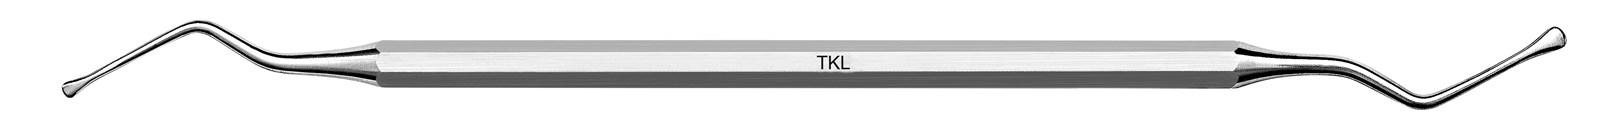 Nůž pro tunelovou techniku - TKL, ADEP fialový